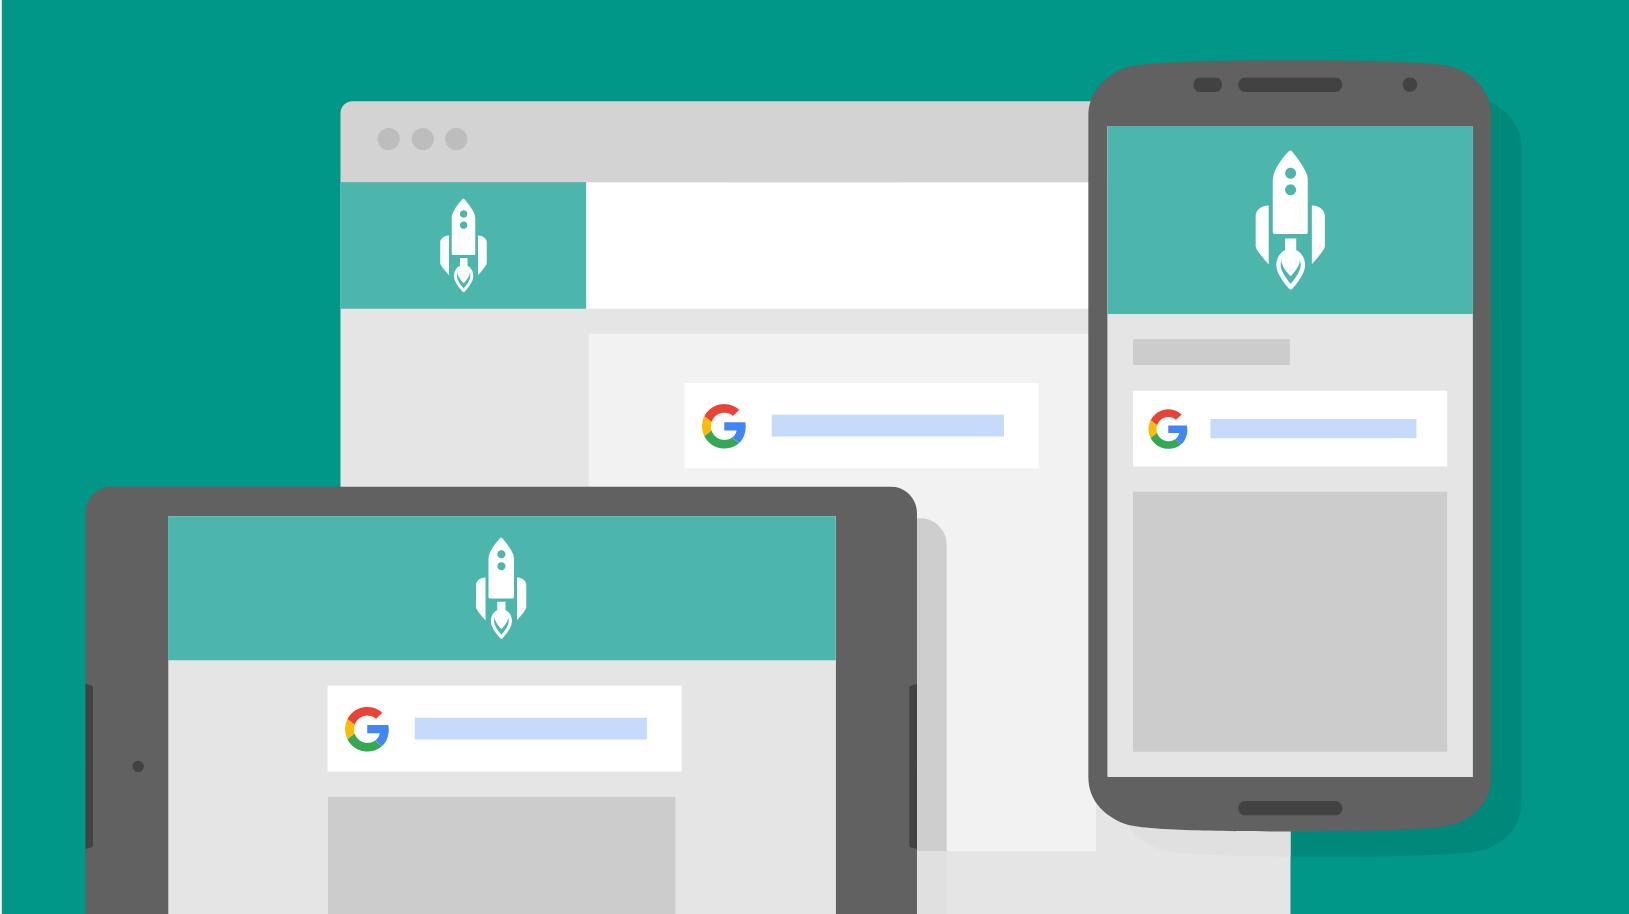 ورود با حسابکاربری گوگل در اندروید